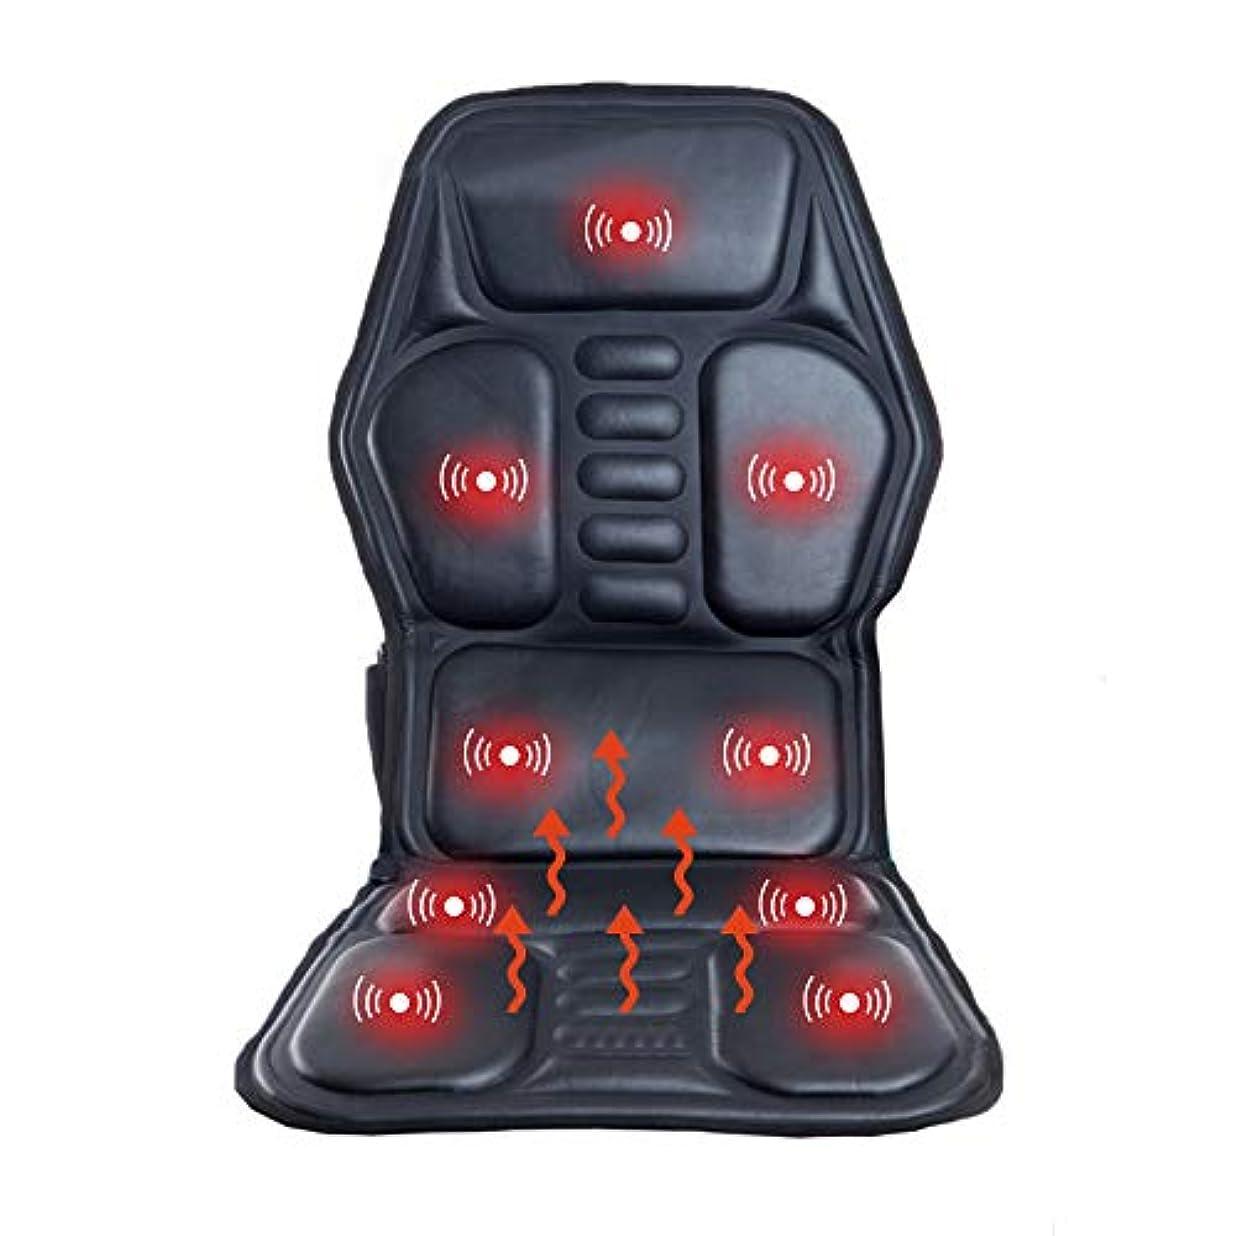 驚き地域の補充カーシートバックマッサージャー 9モーター振動 ヒートチェアパッド 8つのモード 車のホームオフィスチェアのための